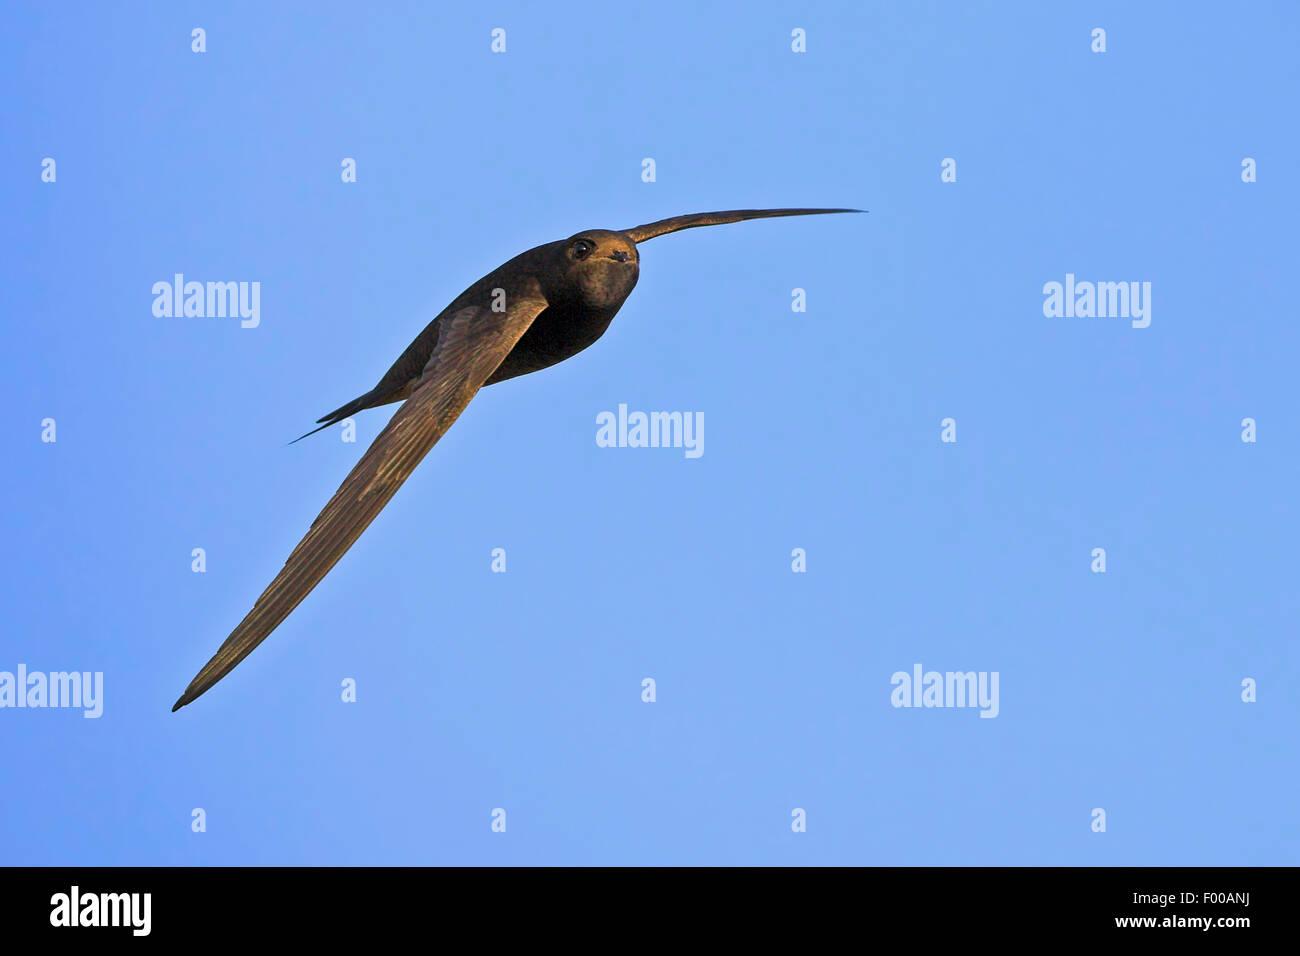 (Apus apus swift eurasien), en vol dans le ciel bleu , Allemagne, Bade-Wurtemberg Banque D'Images